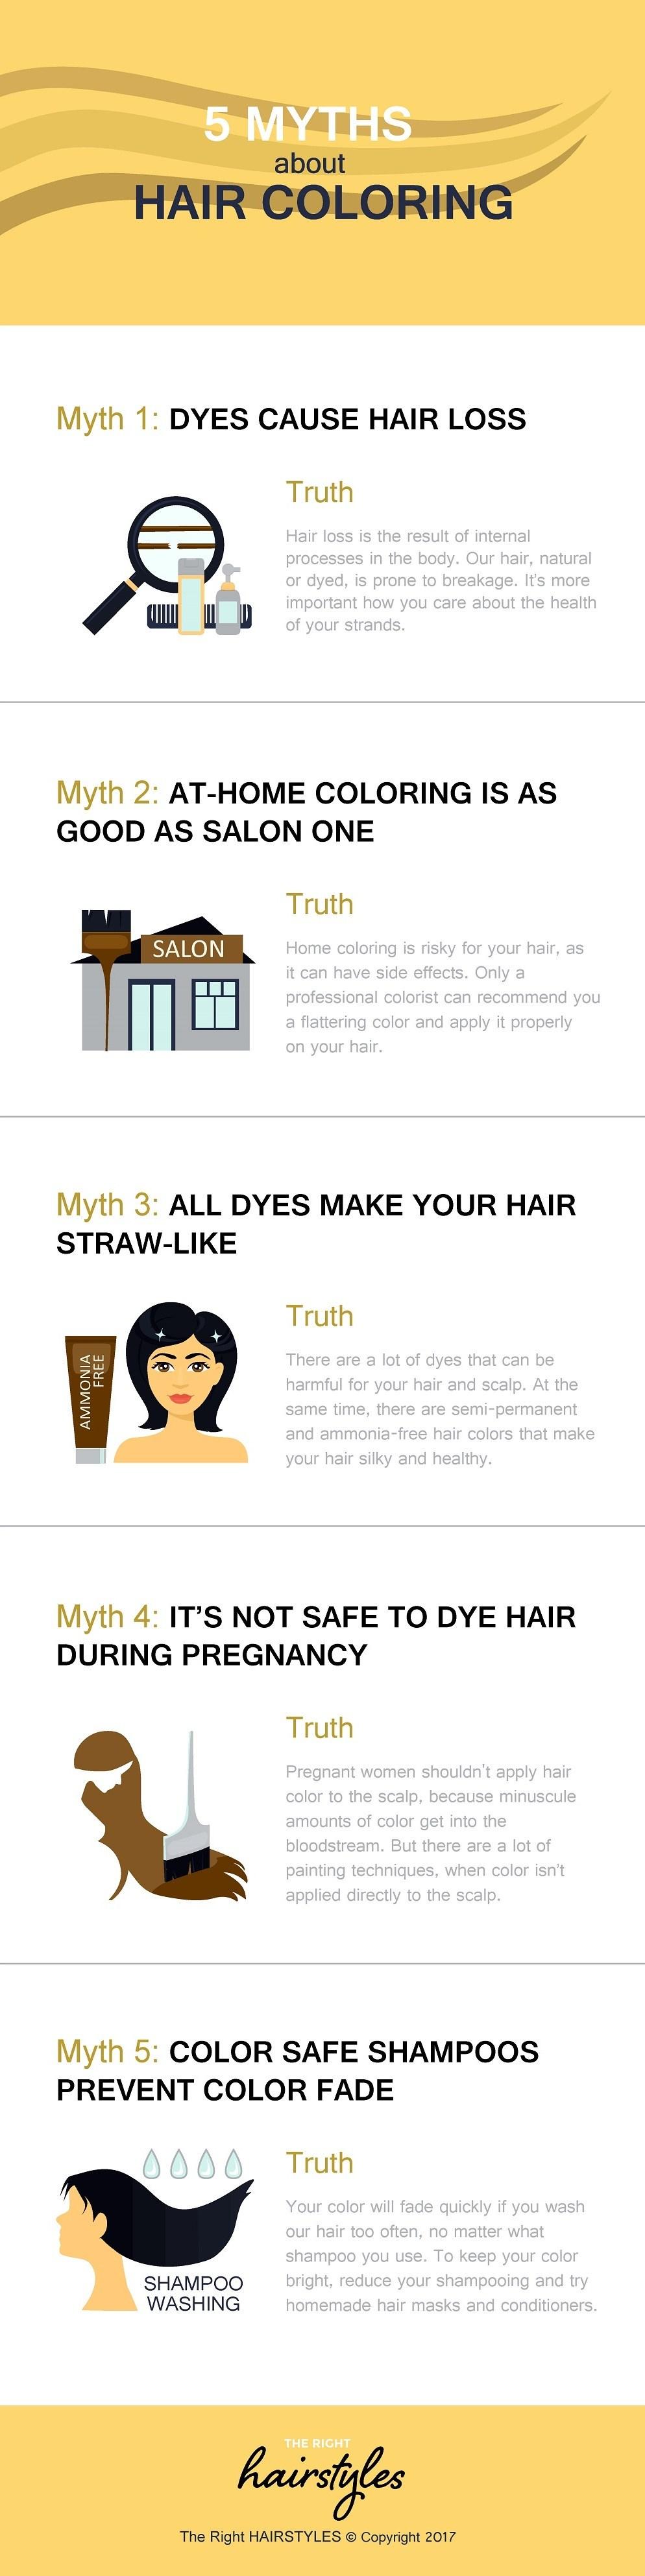 5 Mythen über Haare färben - Infografik